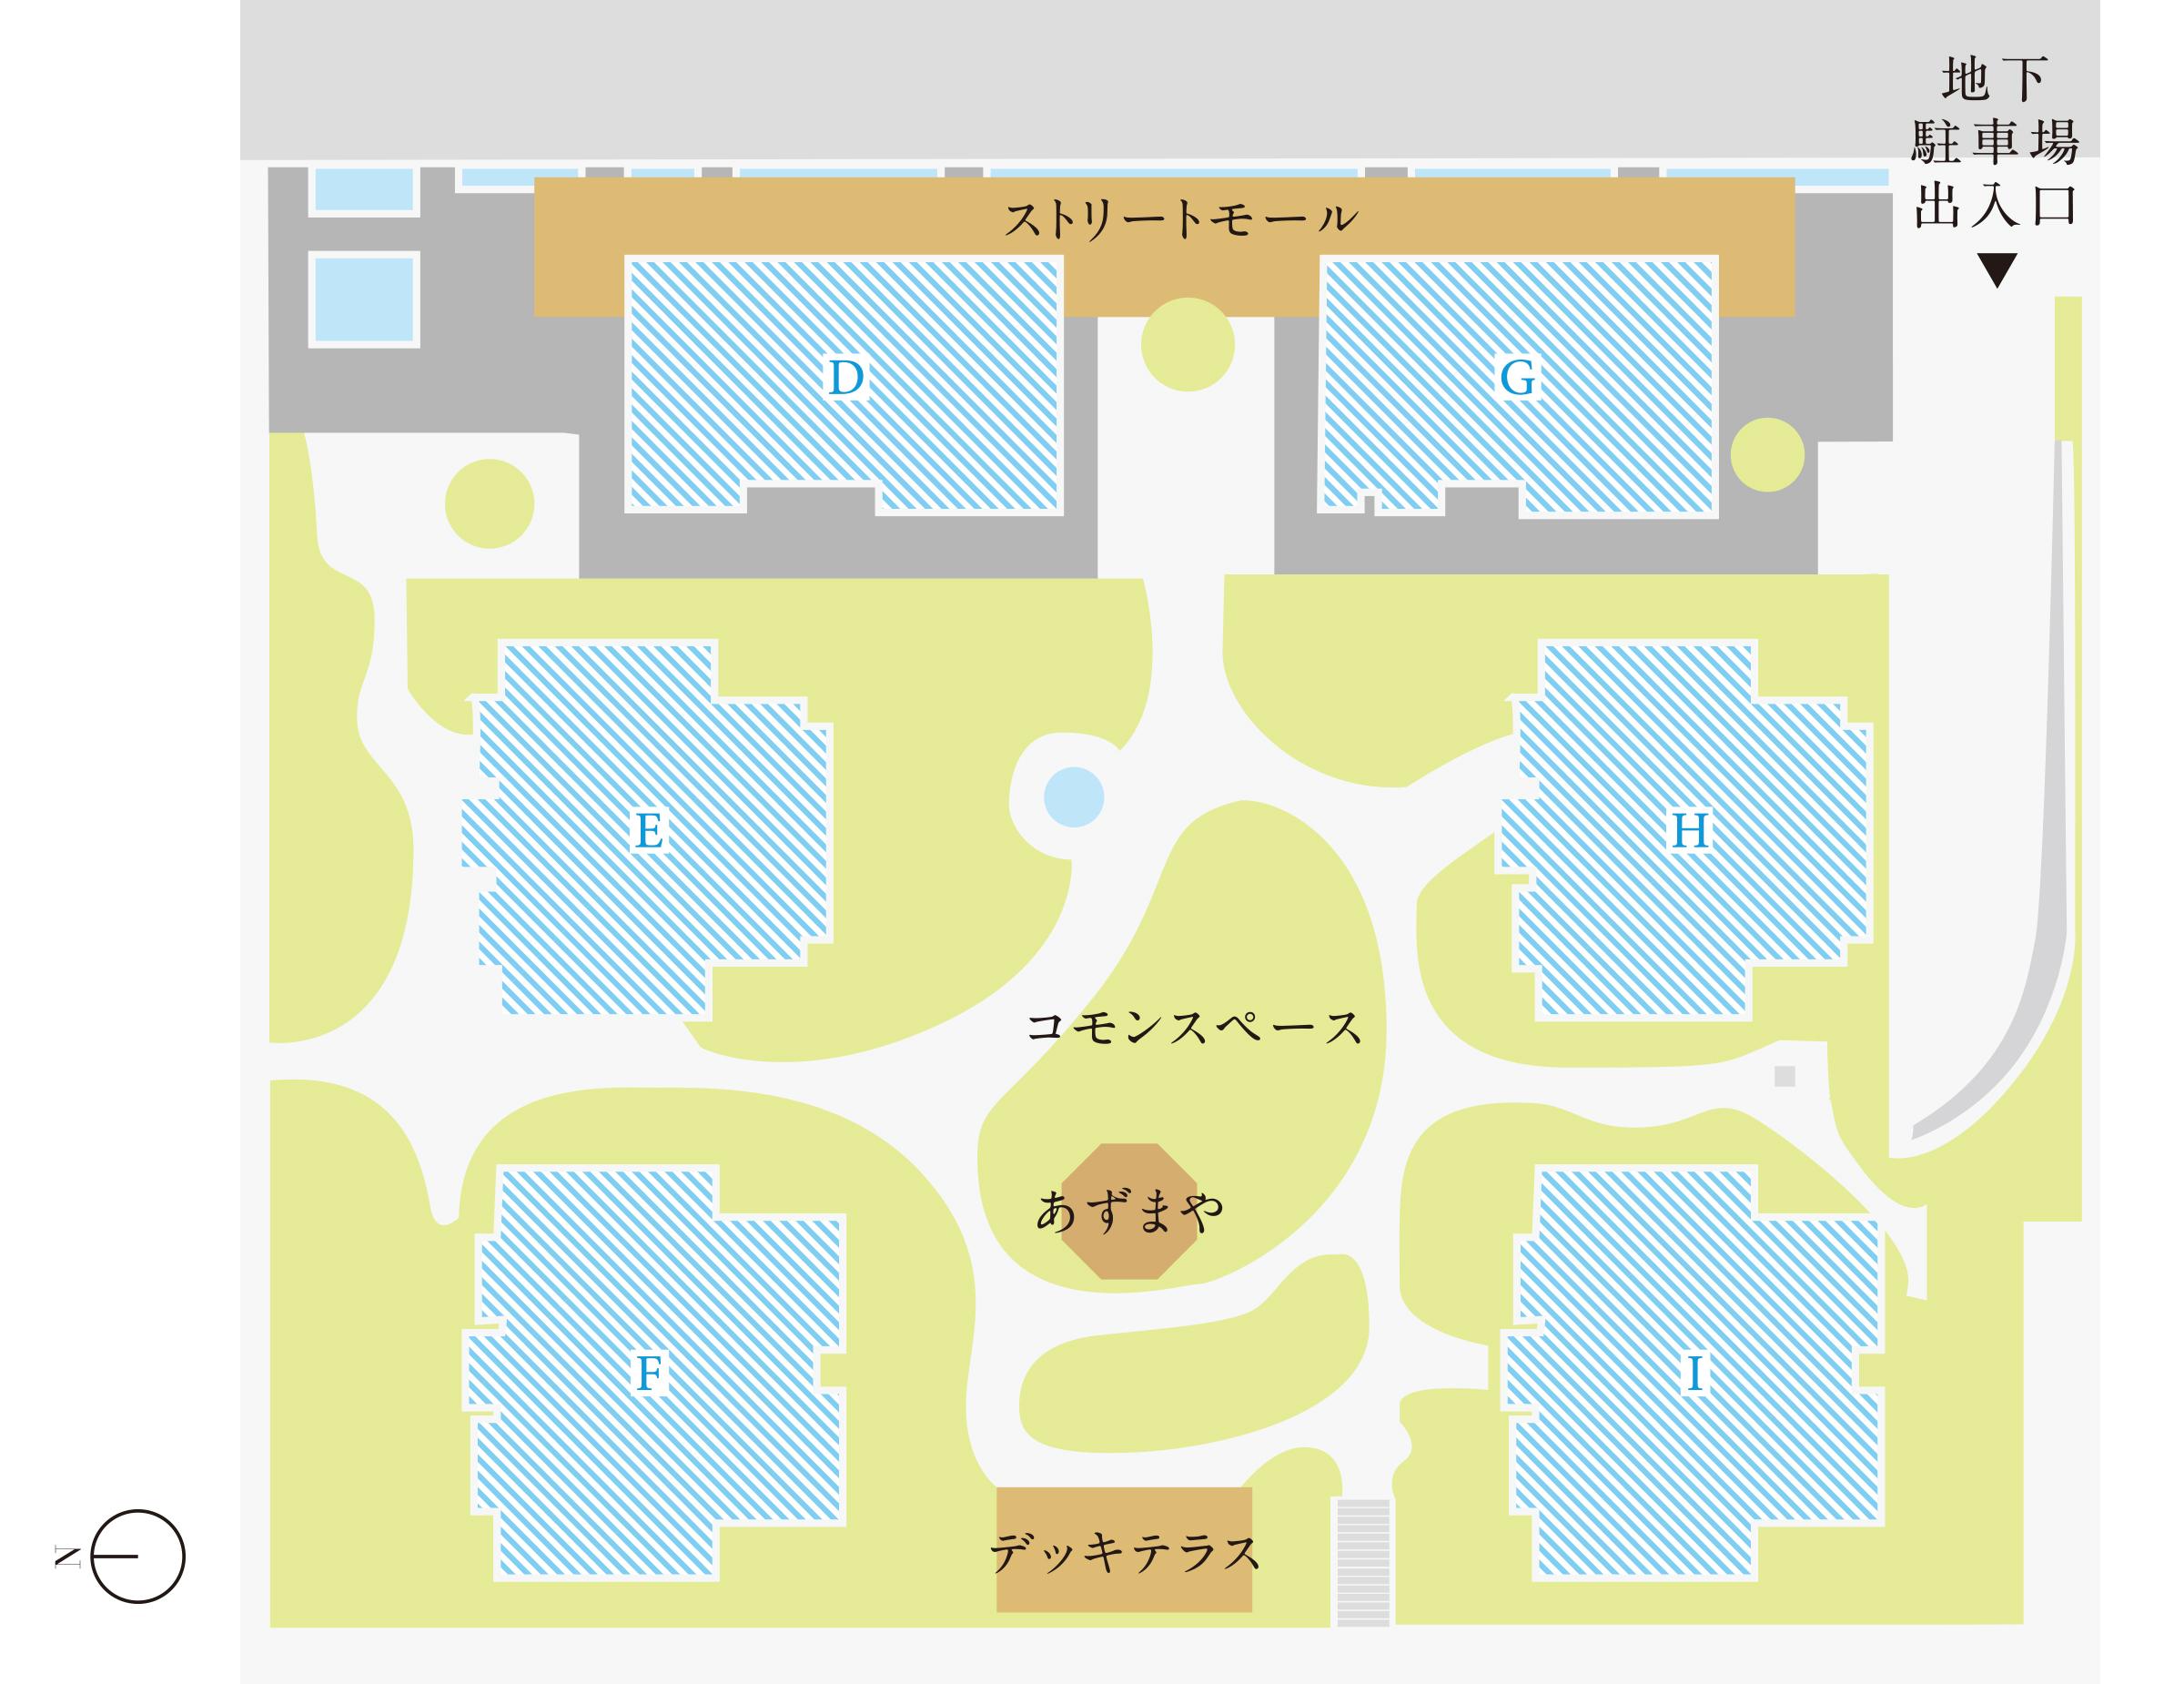 第2期街区内配置図